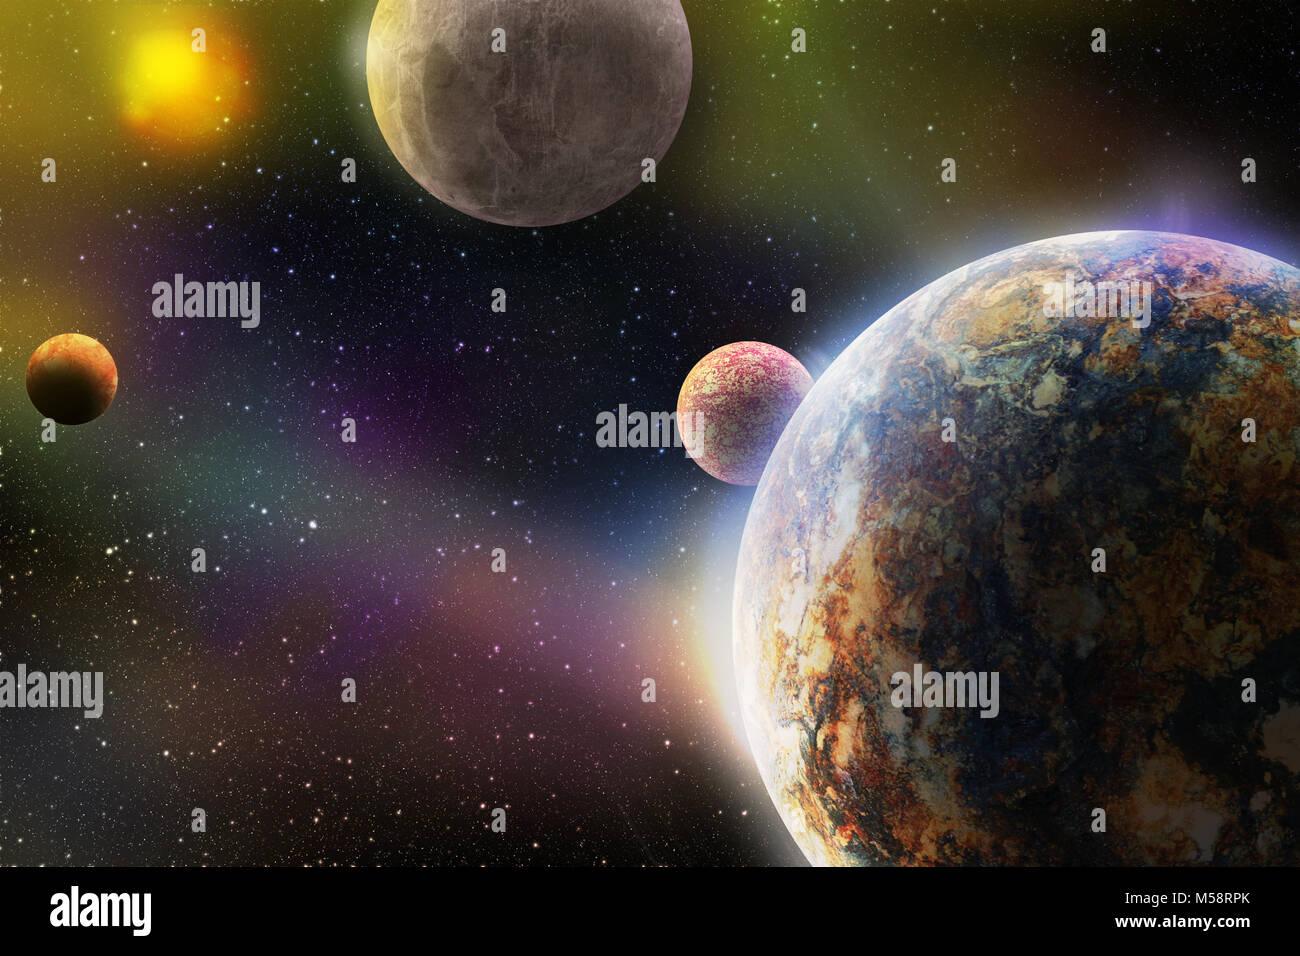 L Espace Profond Avec Les Planetes Du Systeme Solaire Dans